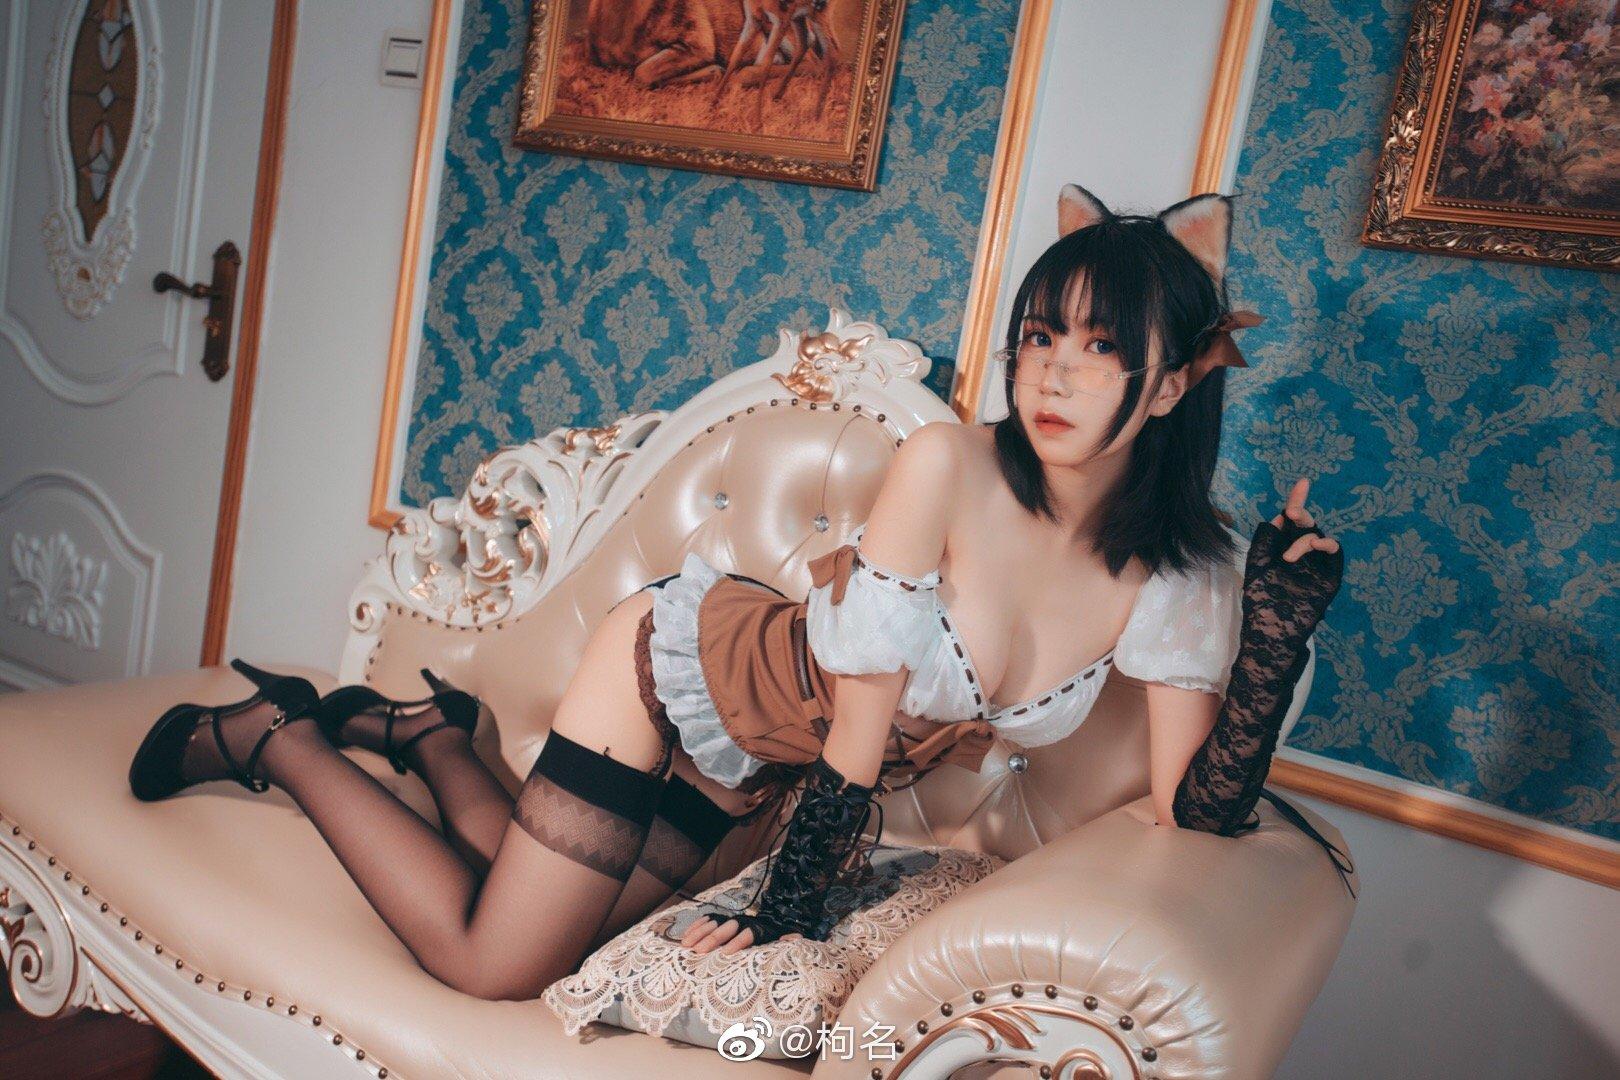 你的猫系仆人已上线,主人需要喝杯茶吗~